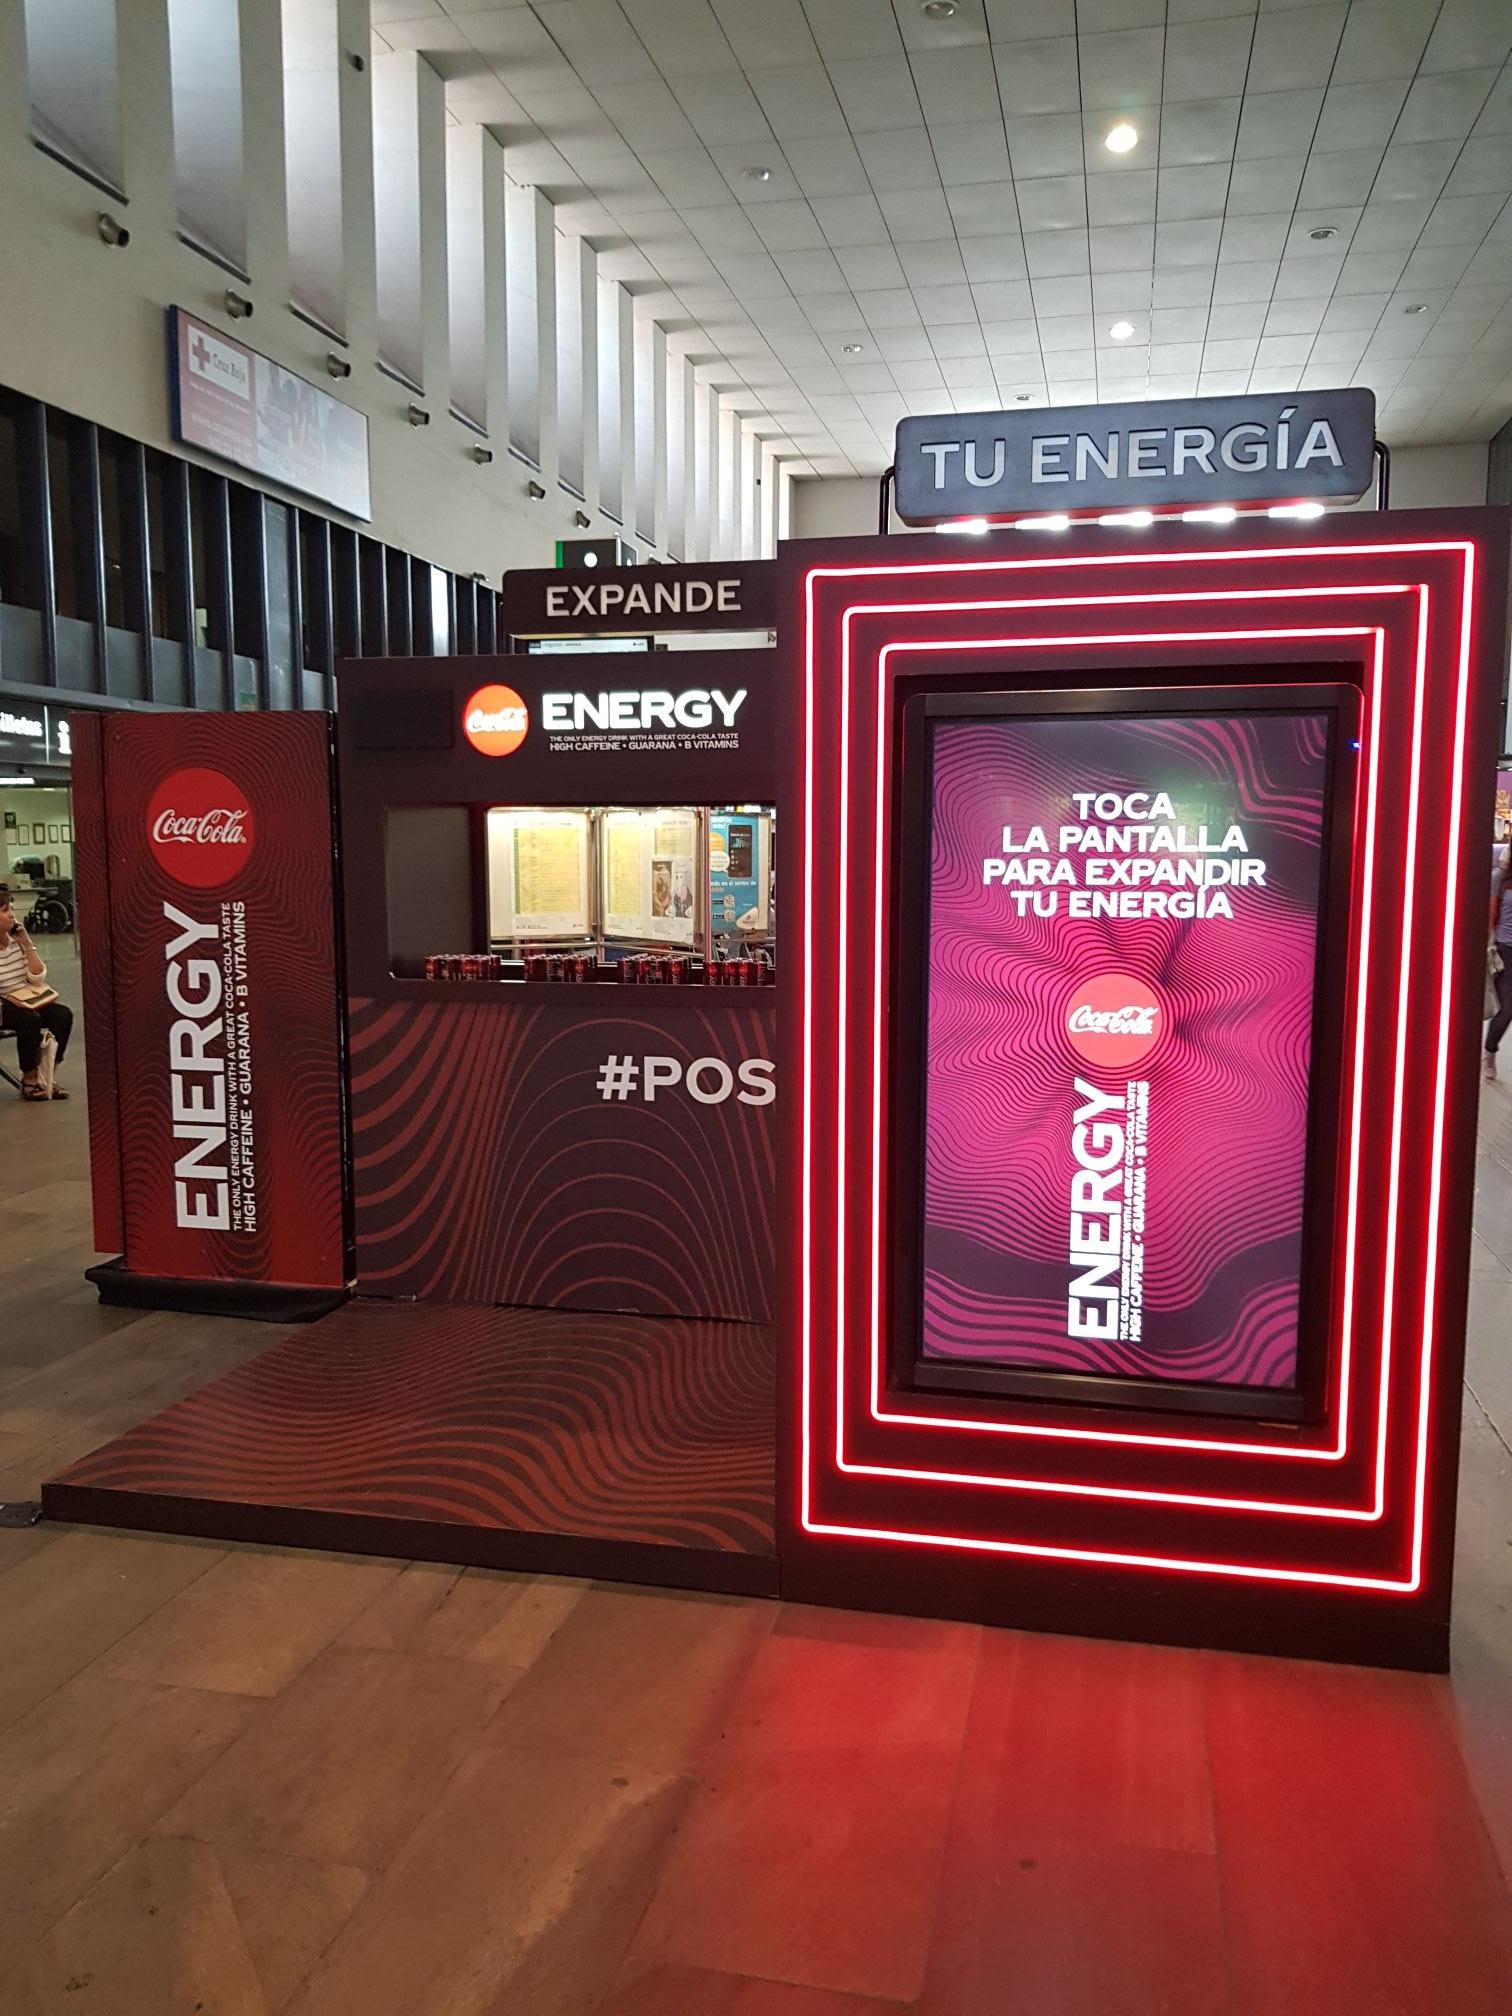 Cocacola Energy Gratis en Santa Justa